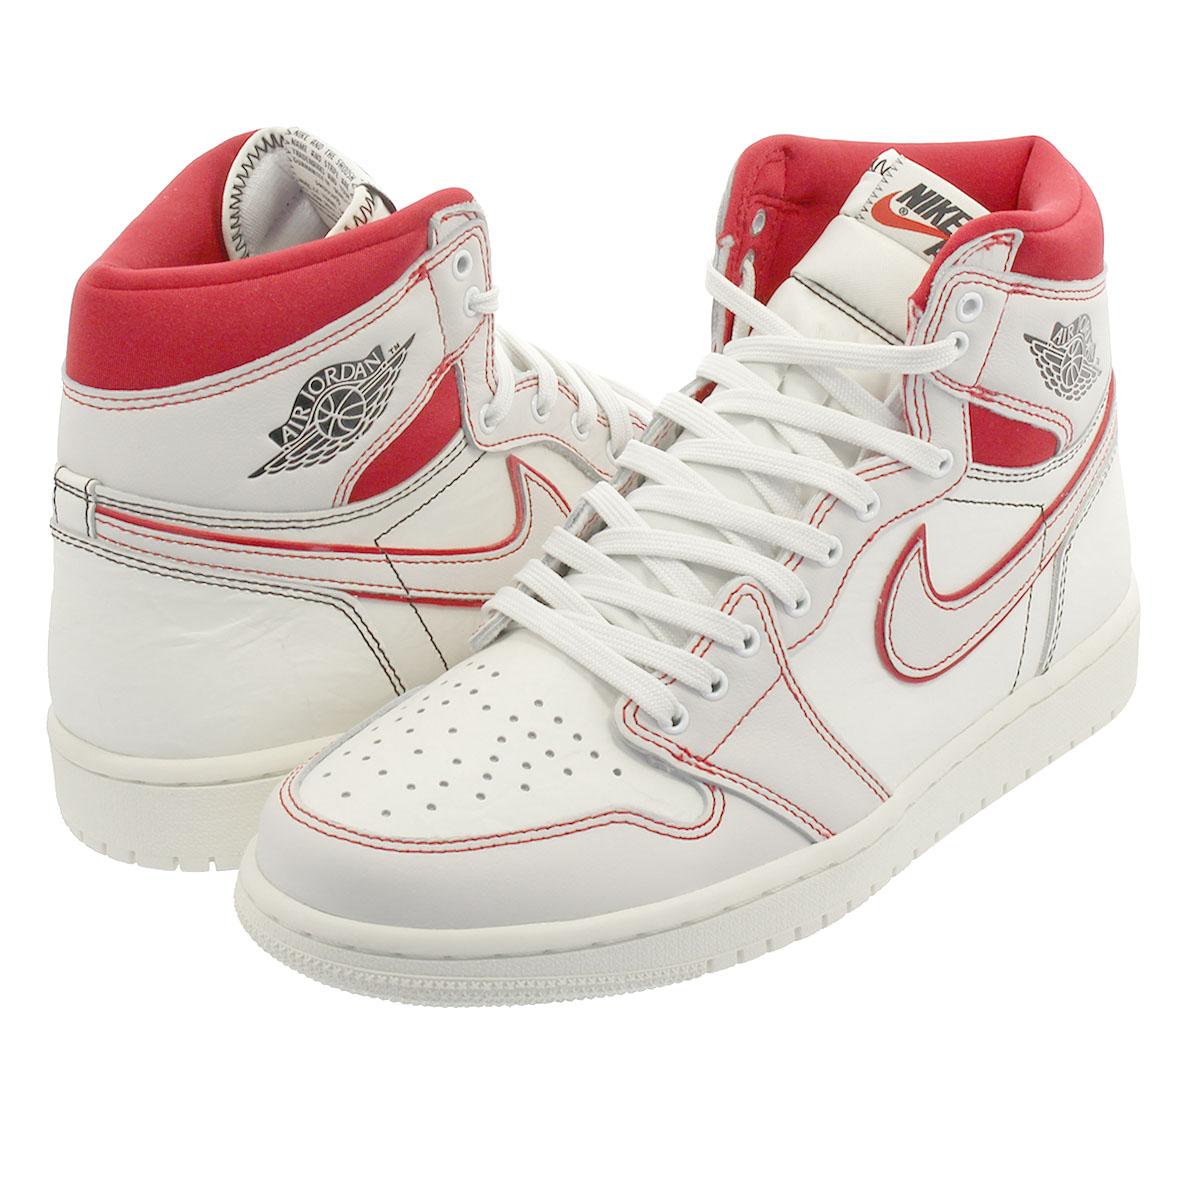 sneakers for cheap 8c3c4 0f97d NIKE AIR JORDAN 1 RETRO HIGH OG Nike Air Jordan 1 nostalgic high OG SAIL  BLACK PHANTOM UNIVERSITY RED 555,088-160